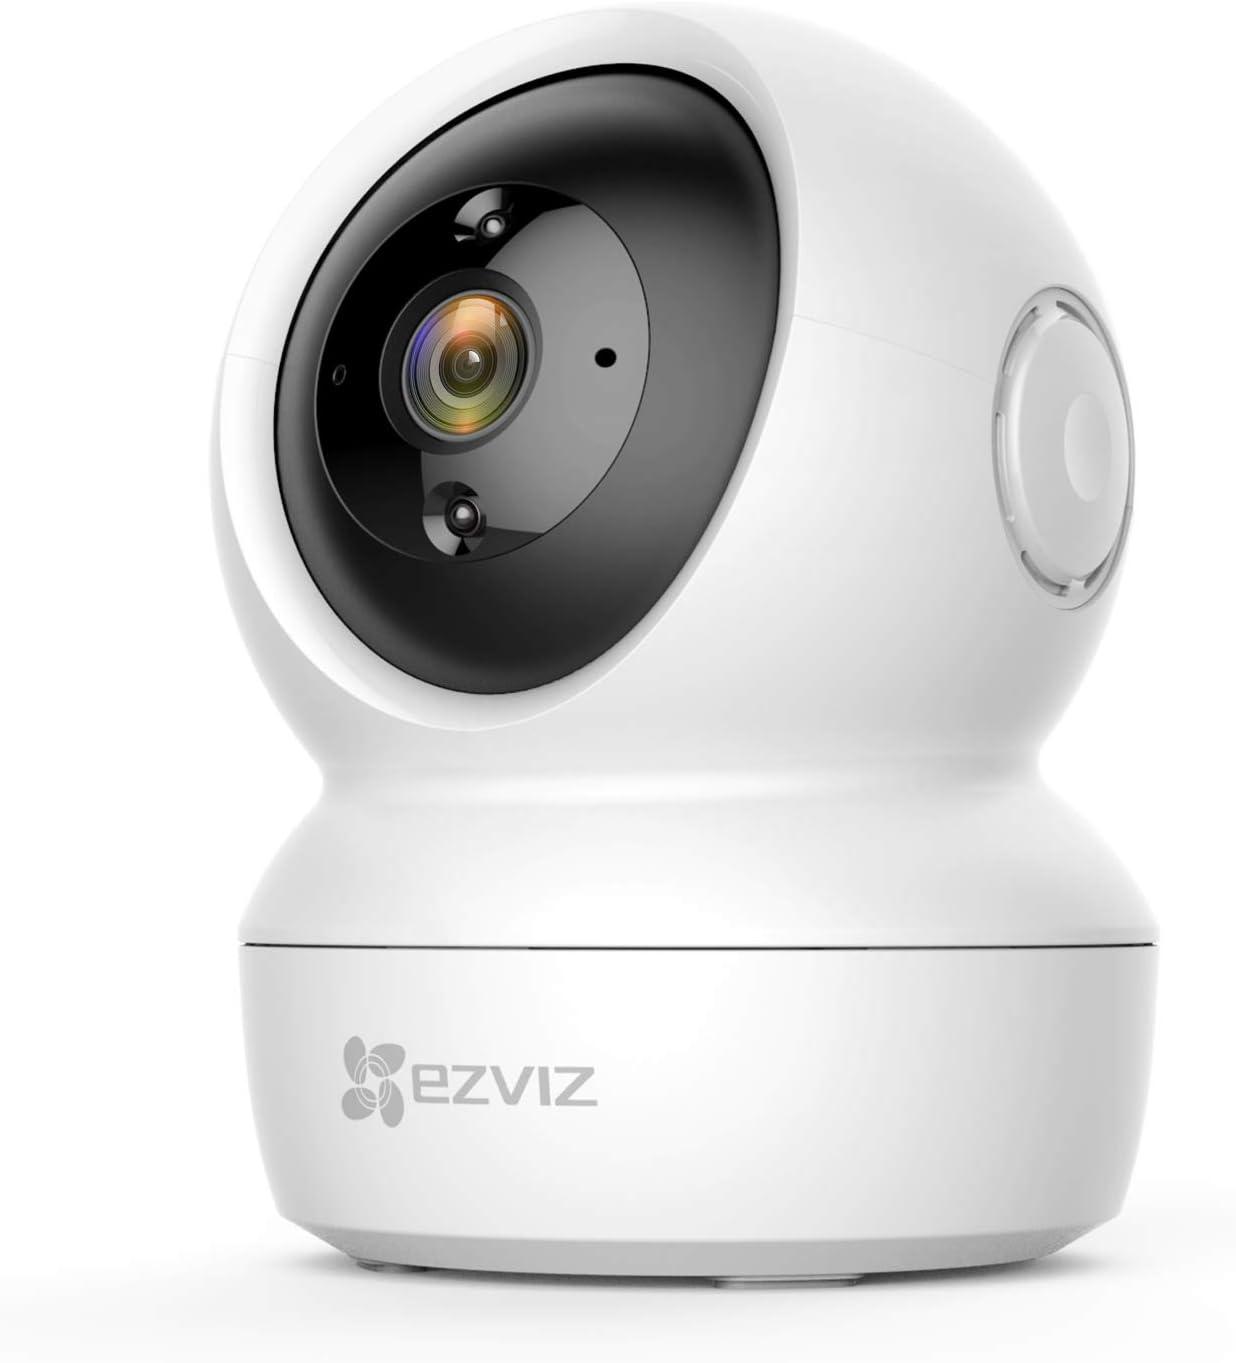 EZVIZ Cámara de Vigilancia WiFi Interior 1080P